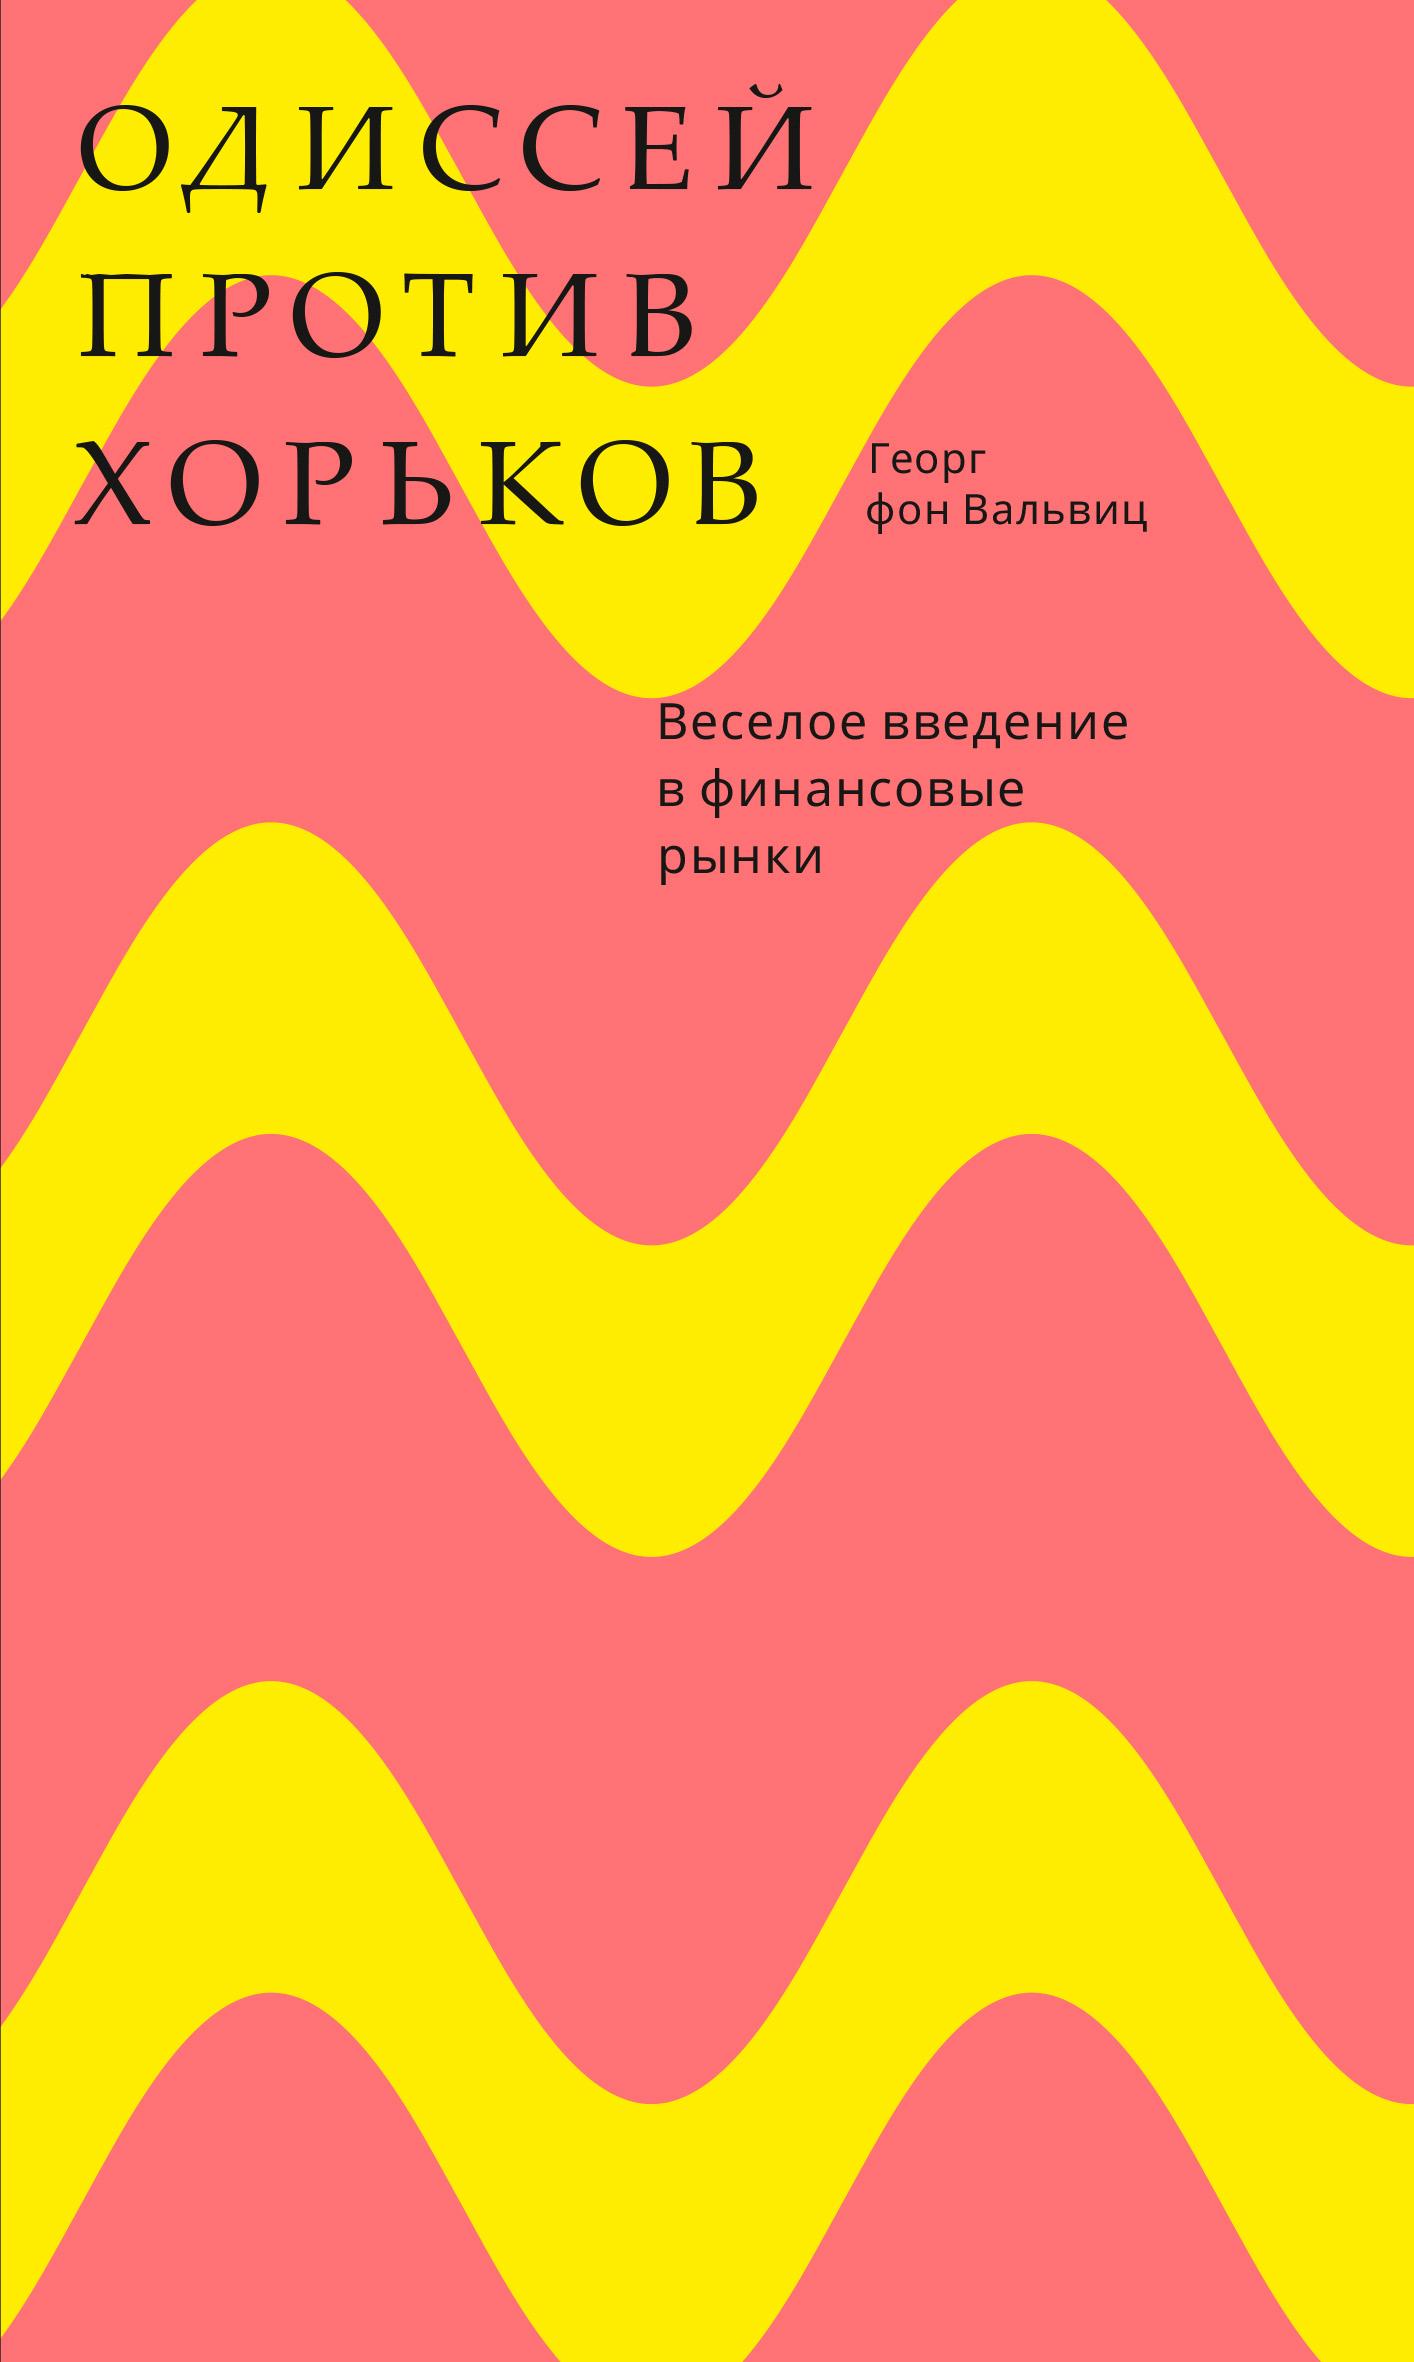 Обложка книги. Автор - Георг фон Вальвиц